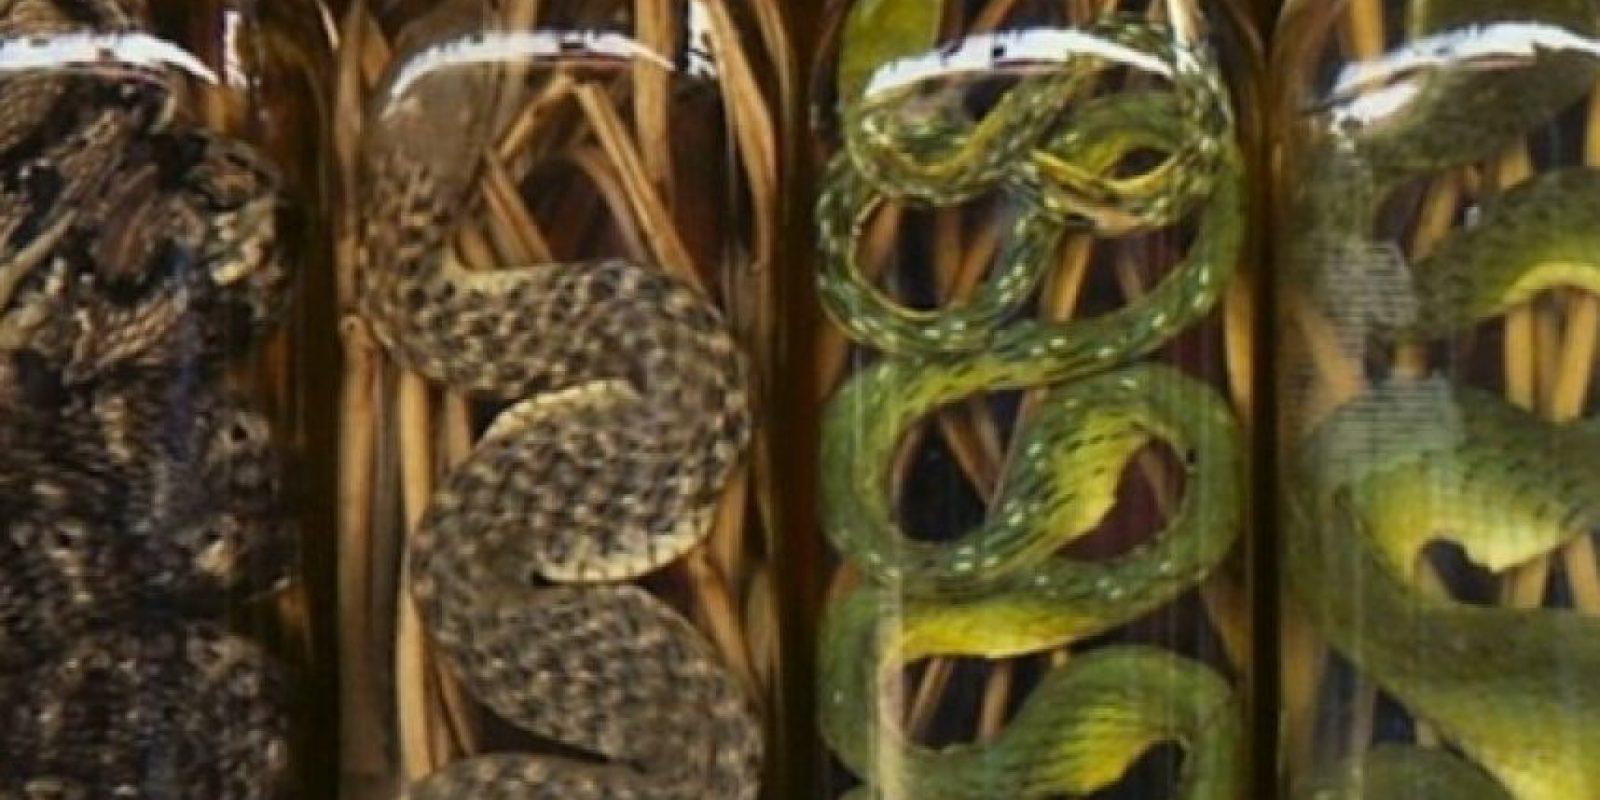 Vino de serpiente. Típico de Asia, se combina con destilado de arroz y se le atribuyen propiedades medicinales